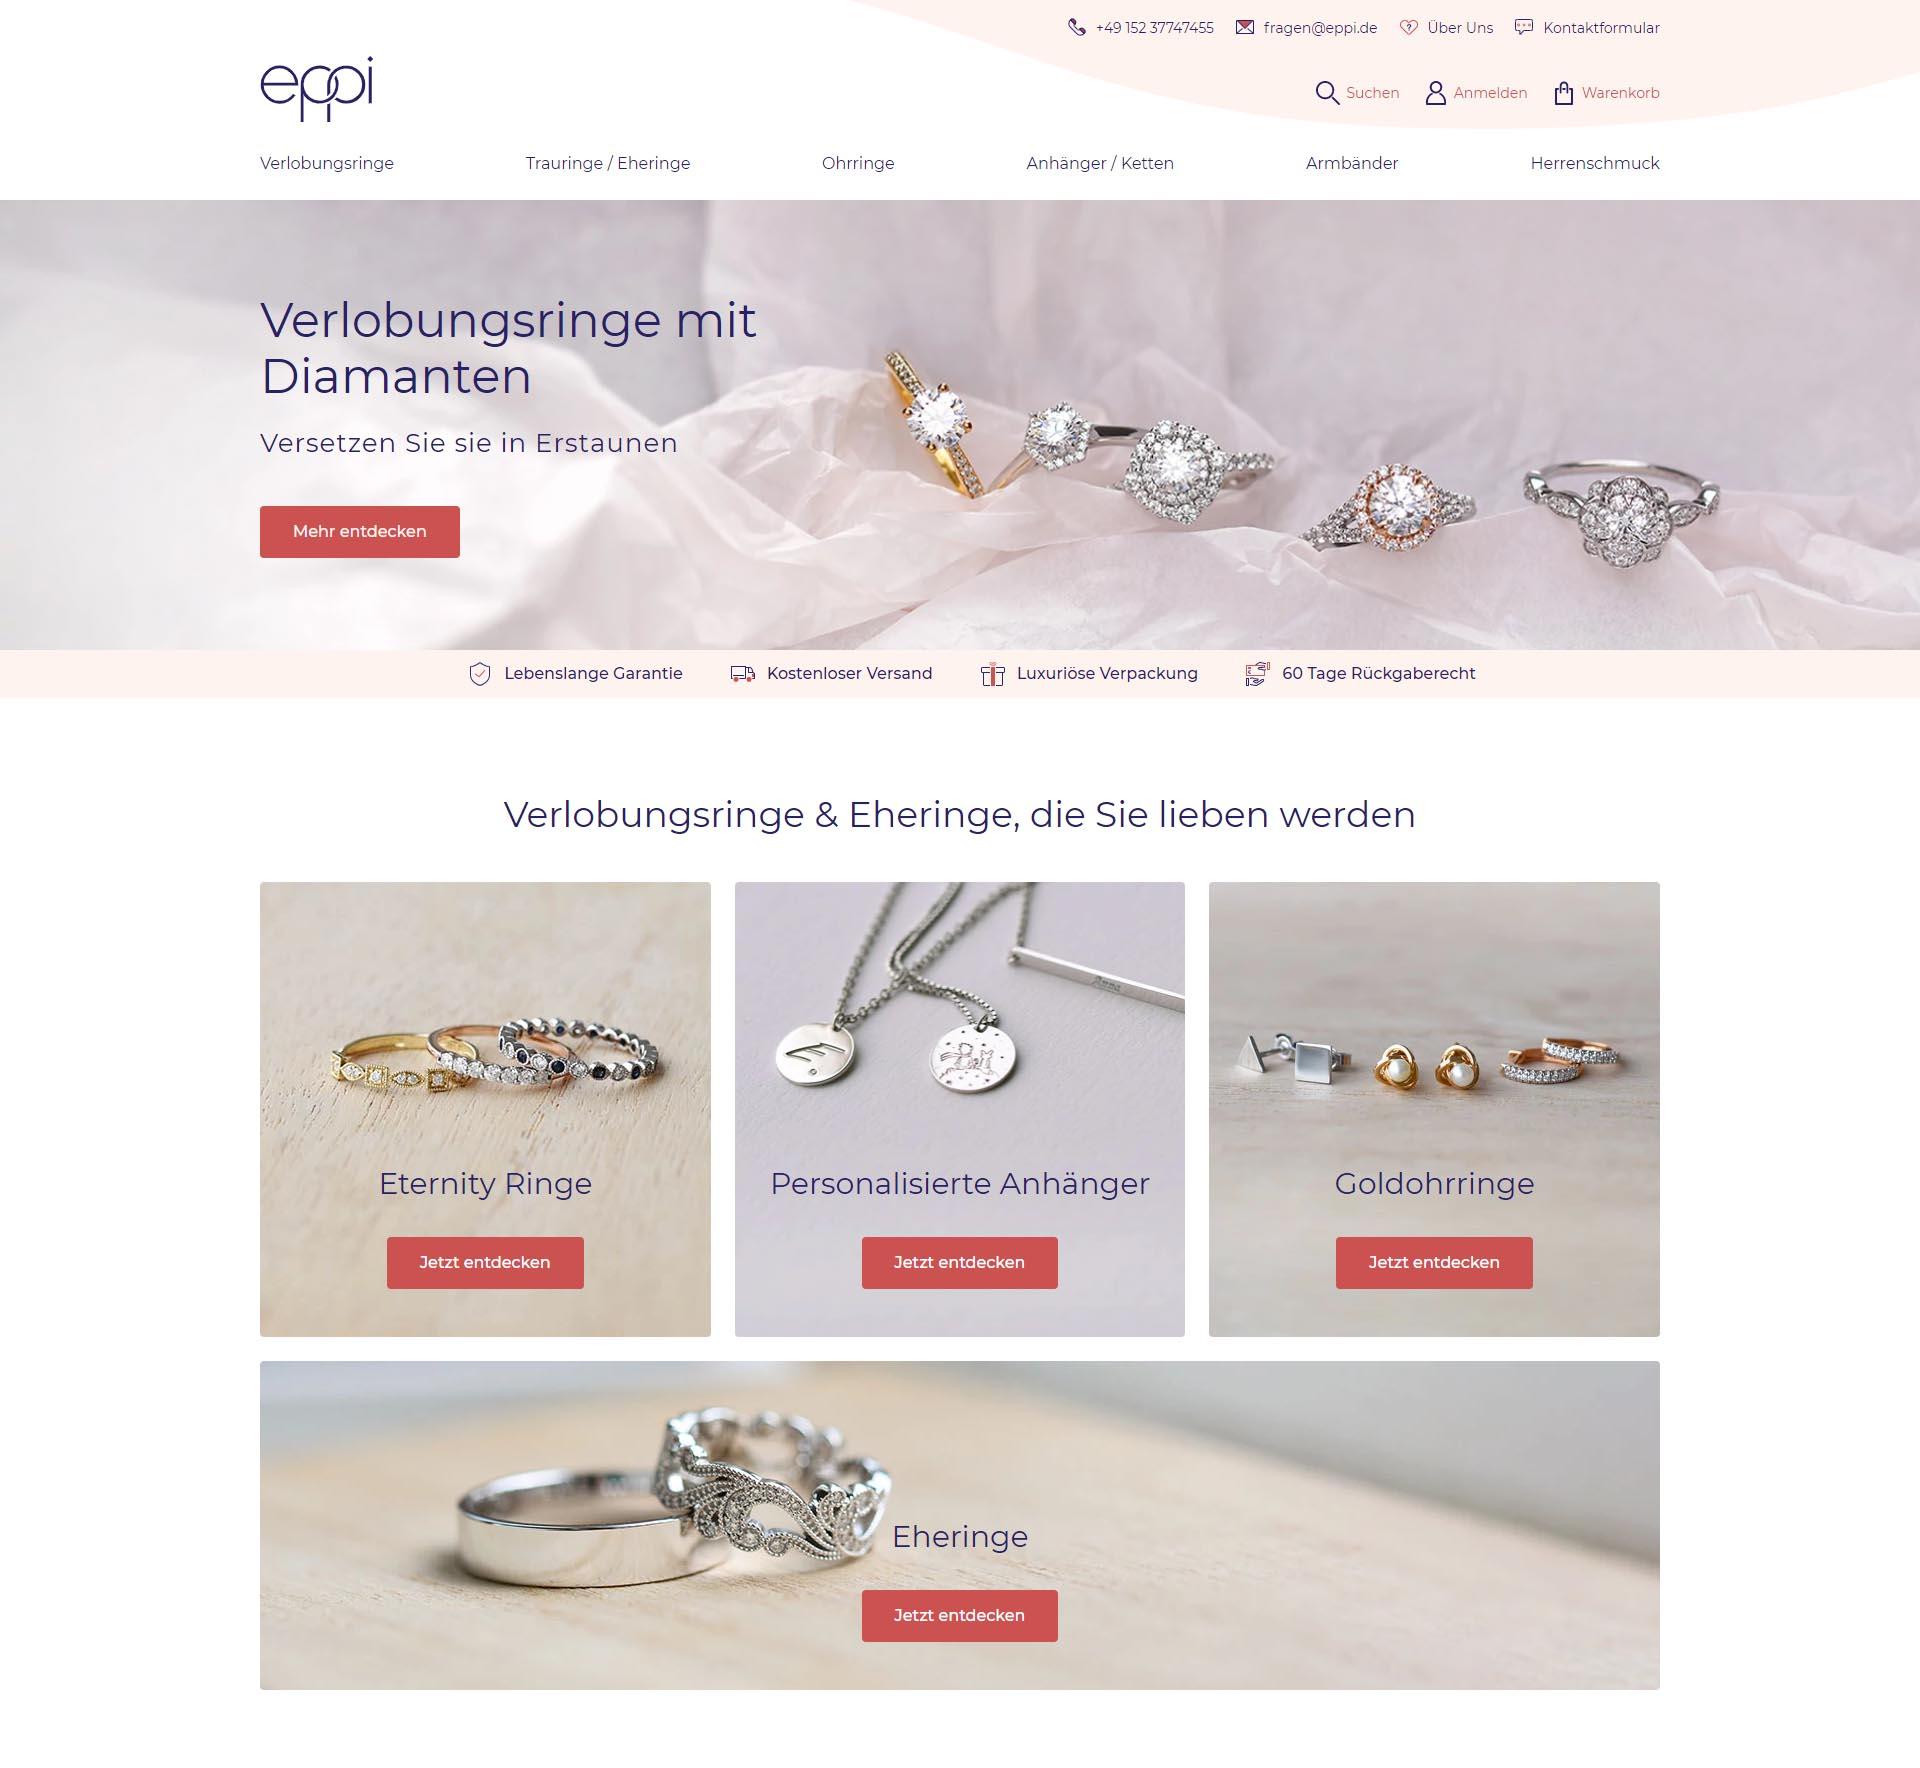 Nový německý web